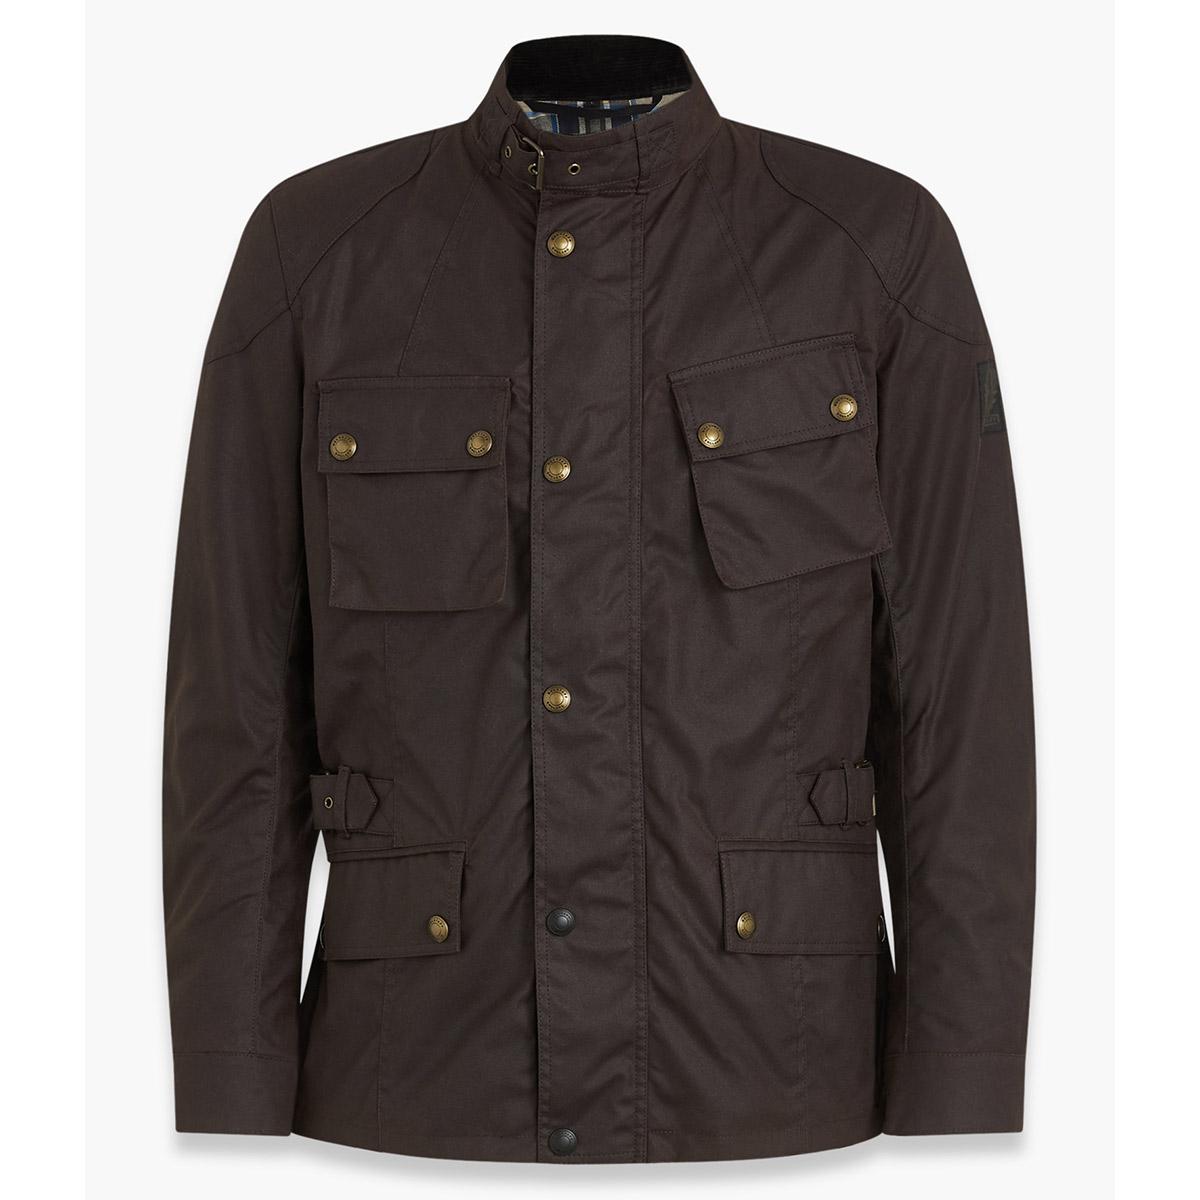 Belstaff Crosby Waxed Cotton Jacket - Mahogany